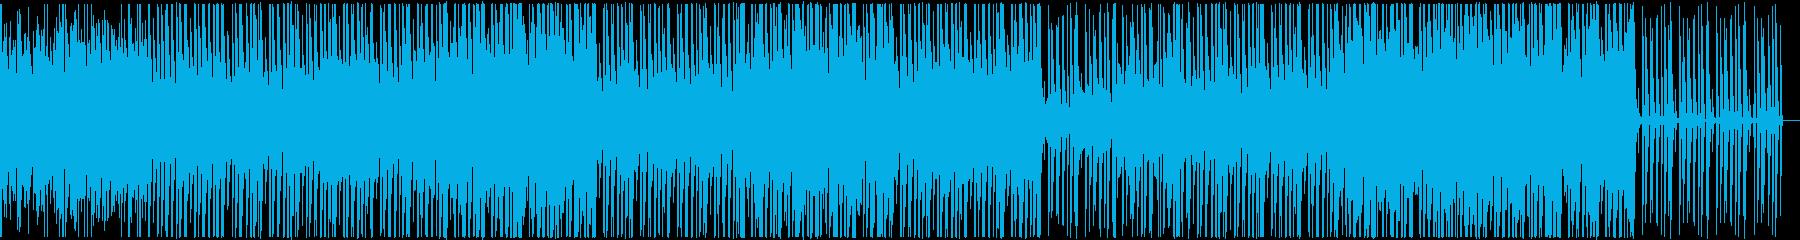 独特なドラムビートのBGMの再生済みの波形